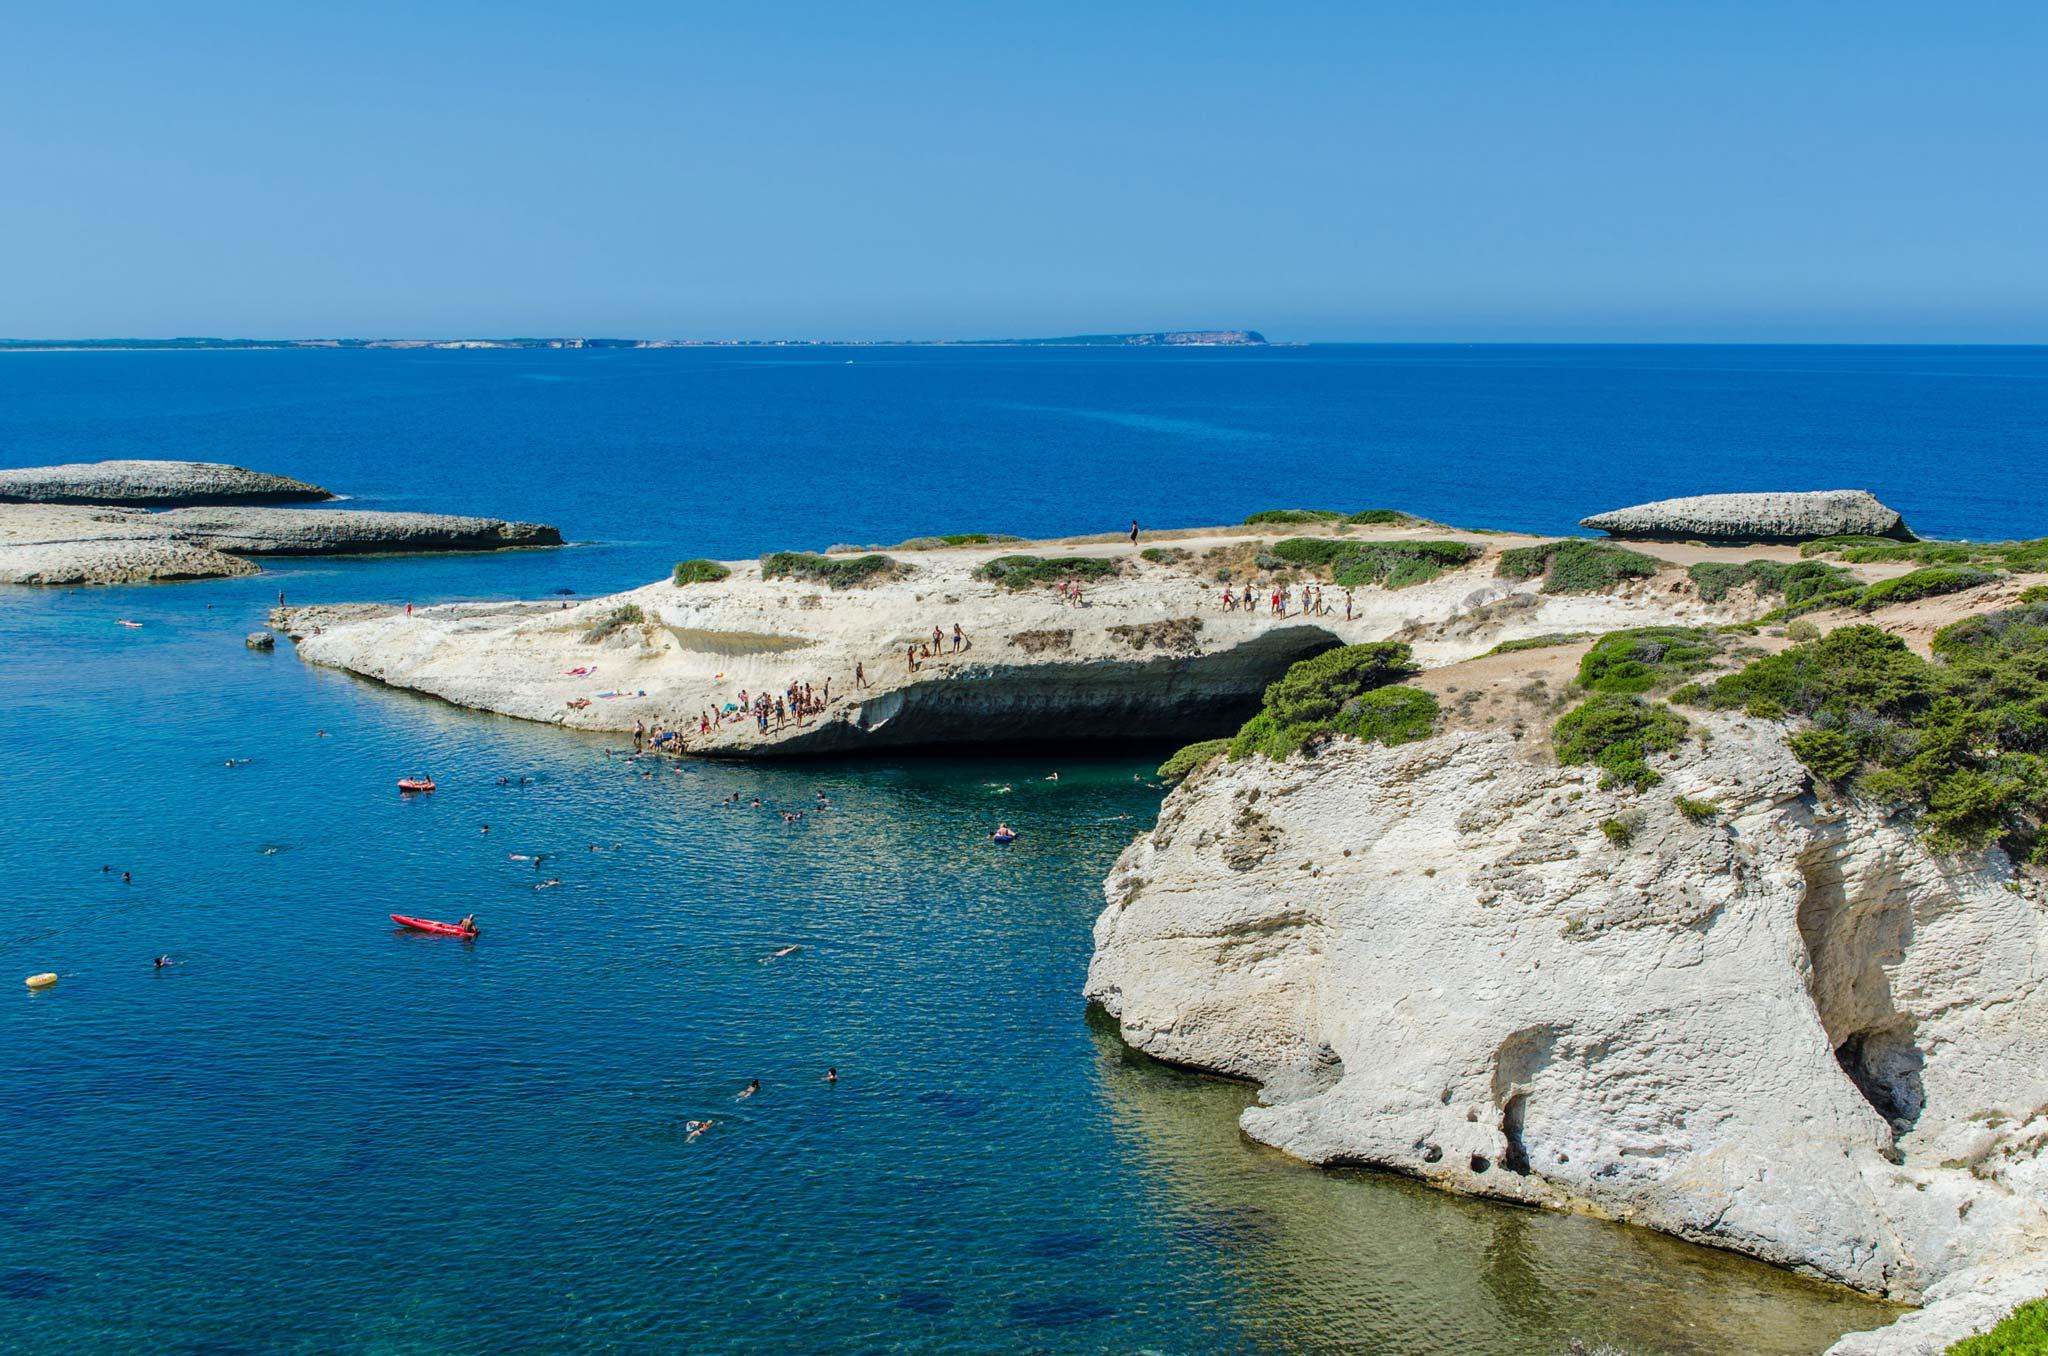 Paesaggi-Italia - DSC 8999 - S'archittu-Sardegna-Viaggio-in-sardegna - S'archittu-Sardegna-Viaggio-in-sardegna